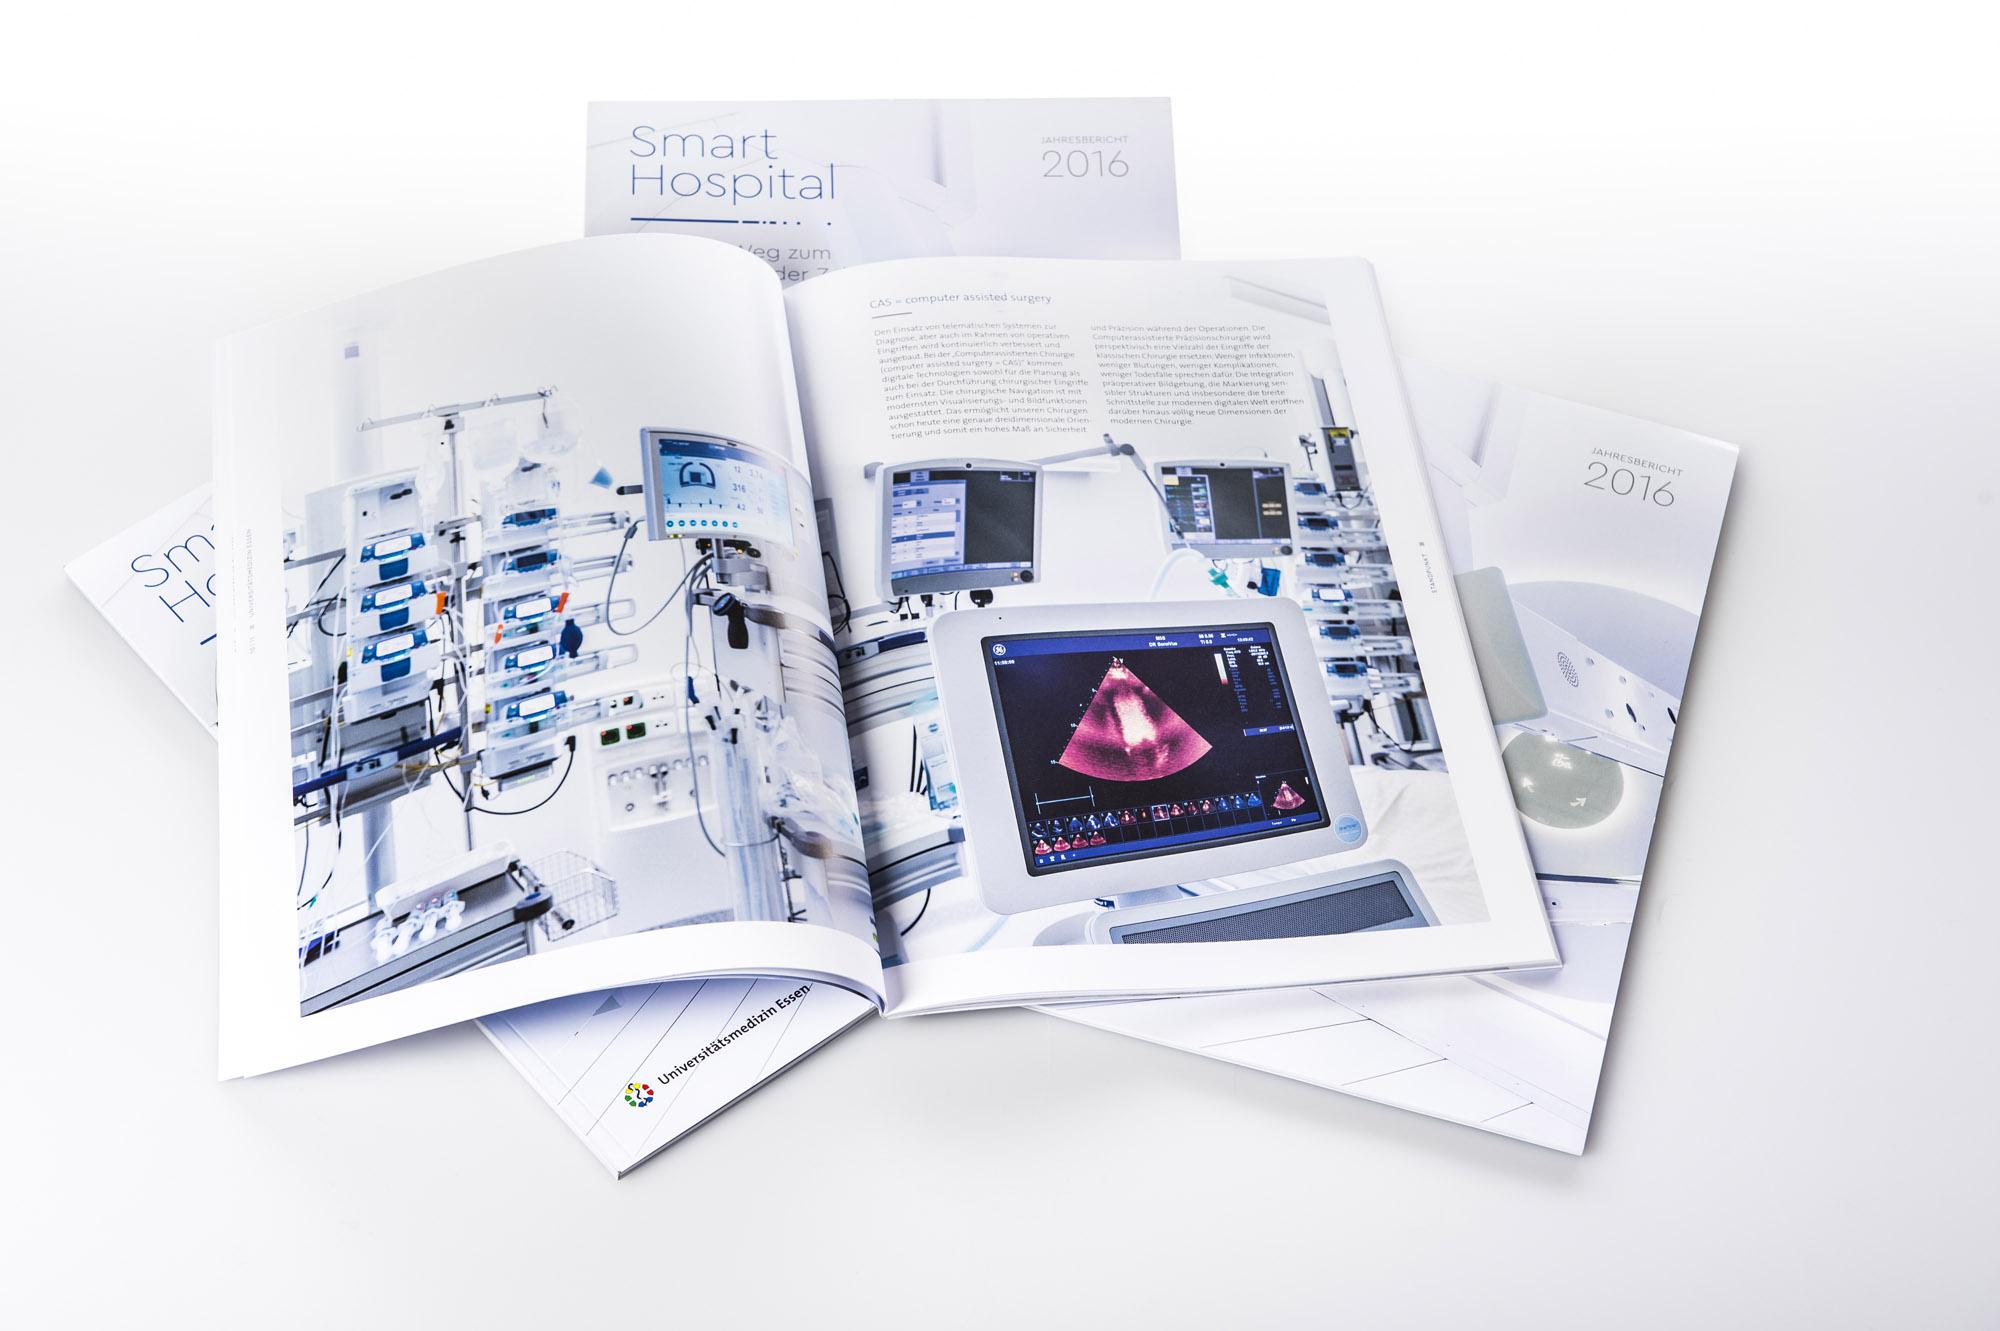 Jahresbericht, Geschäftsbericht, Dokumentation, Gesundheitswesen, Medizin, Krankenhaus